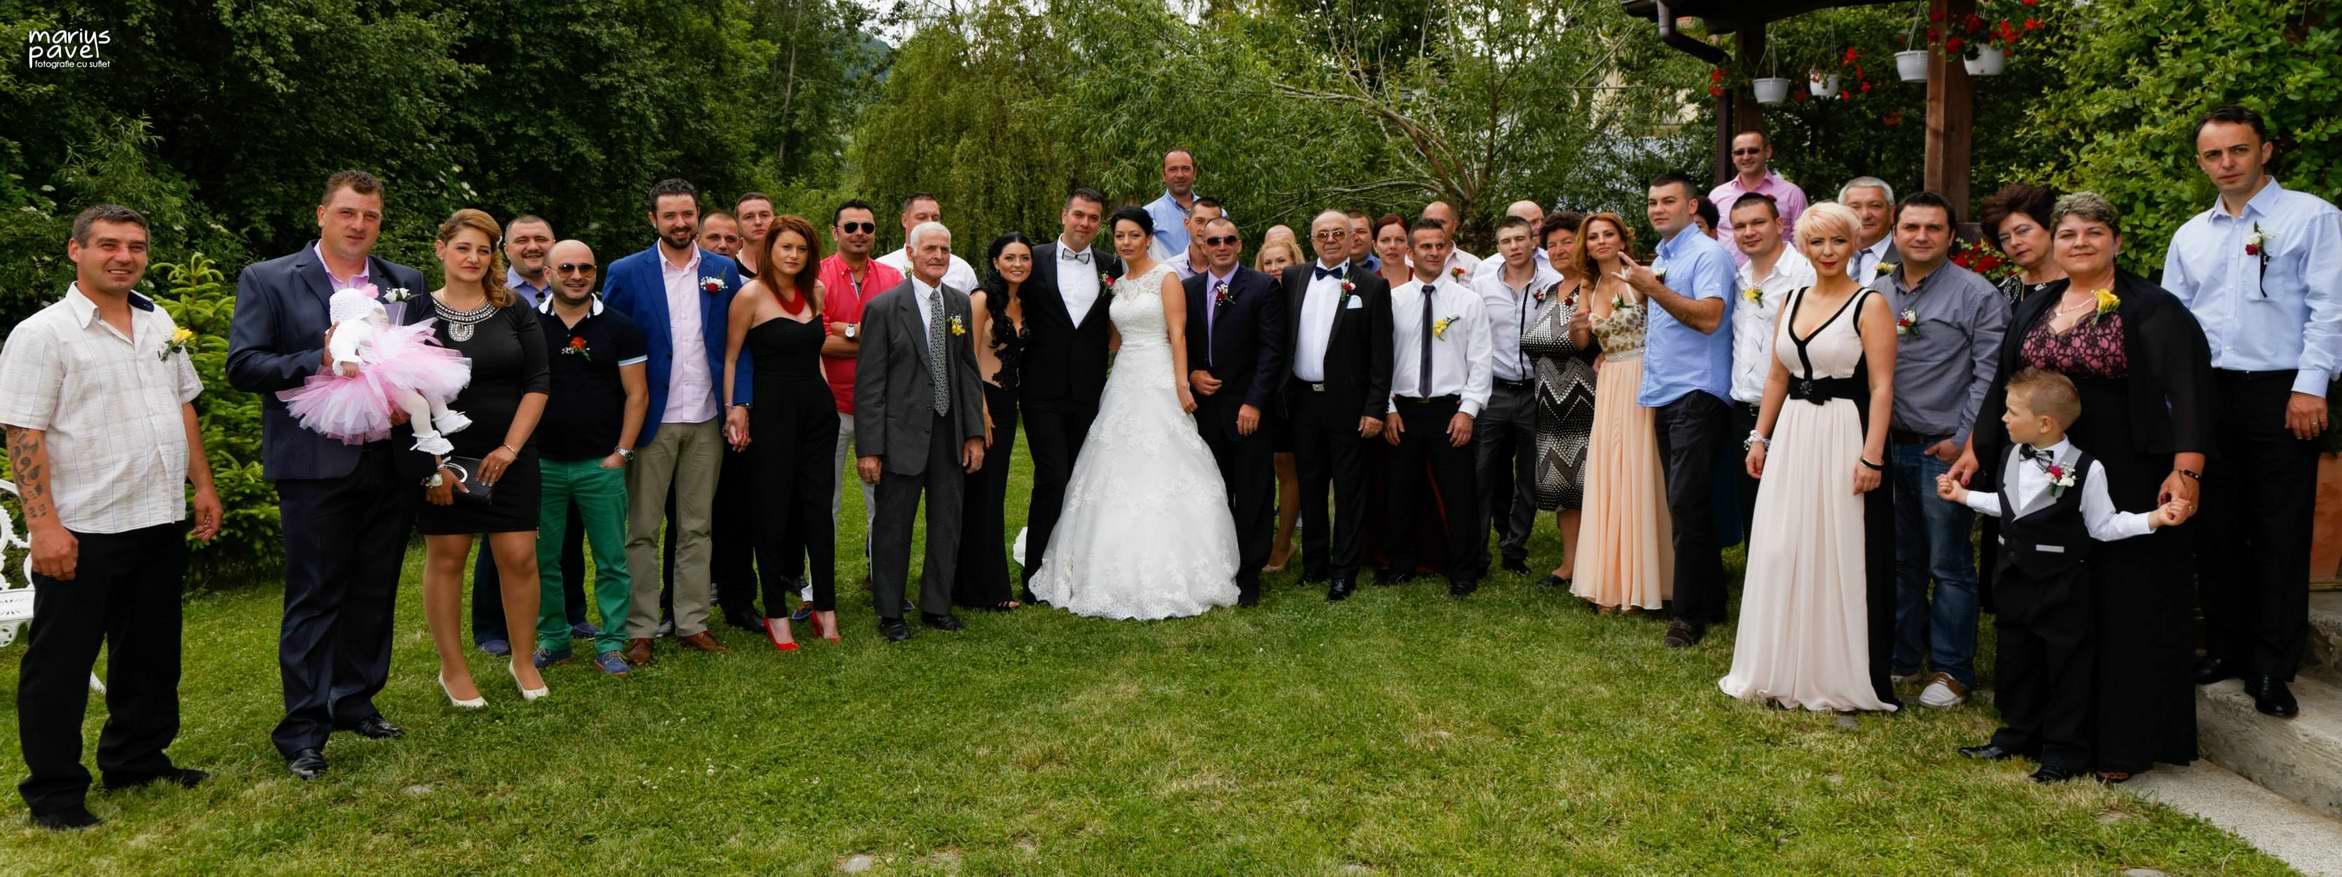 Foto de la nunta - Casa Armatei Brasov